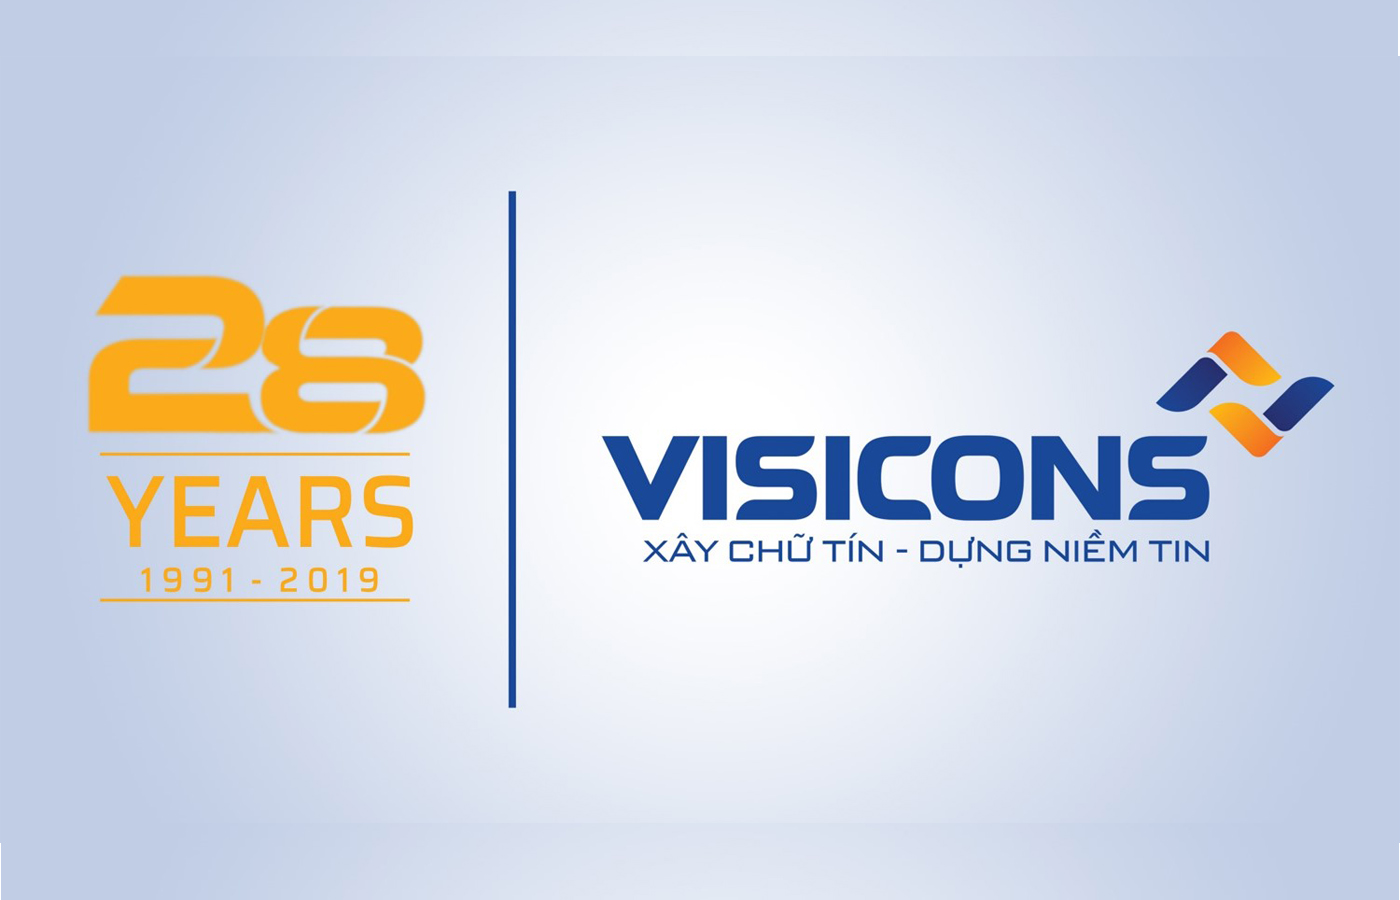 Kỷ niệm: Sinh nhật công ty Visicons (28 năm)